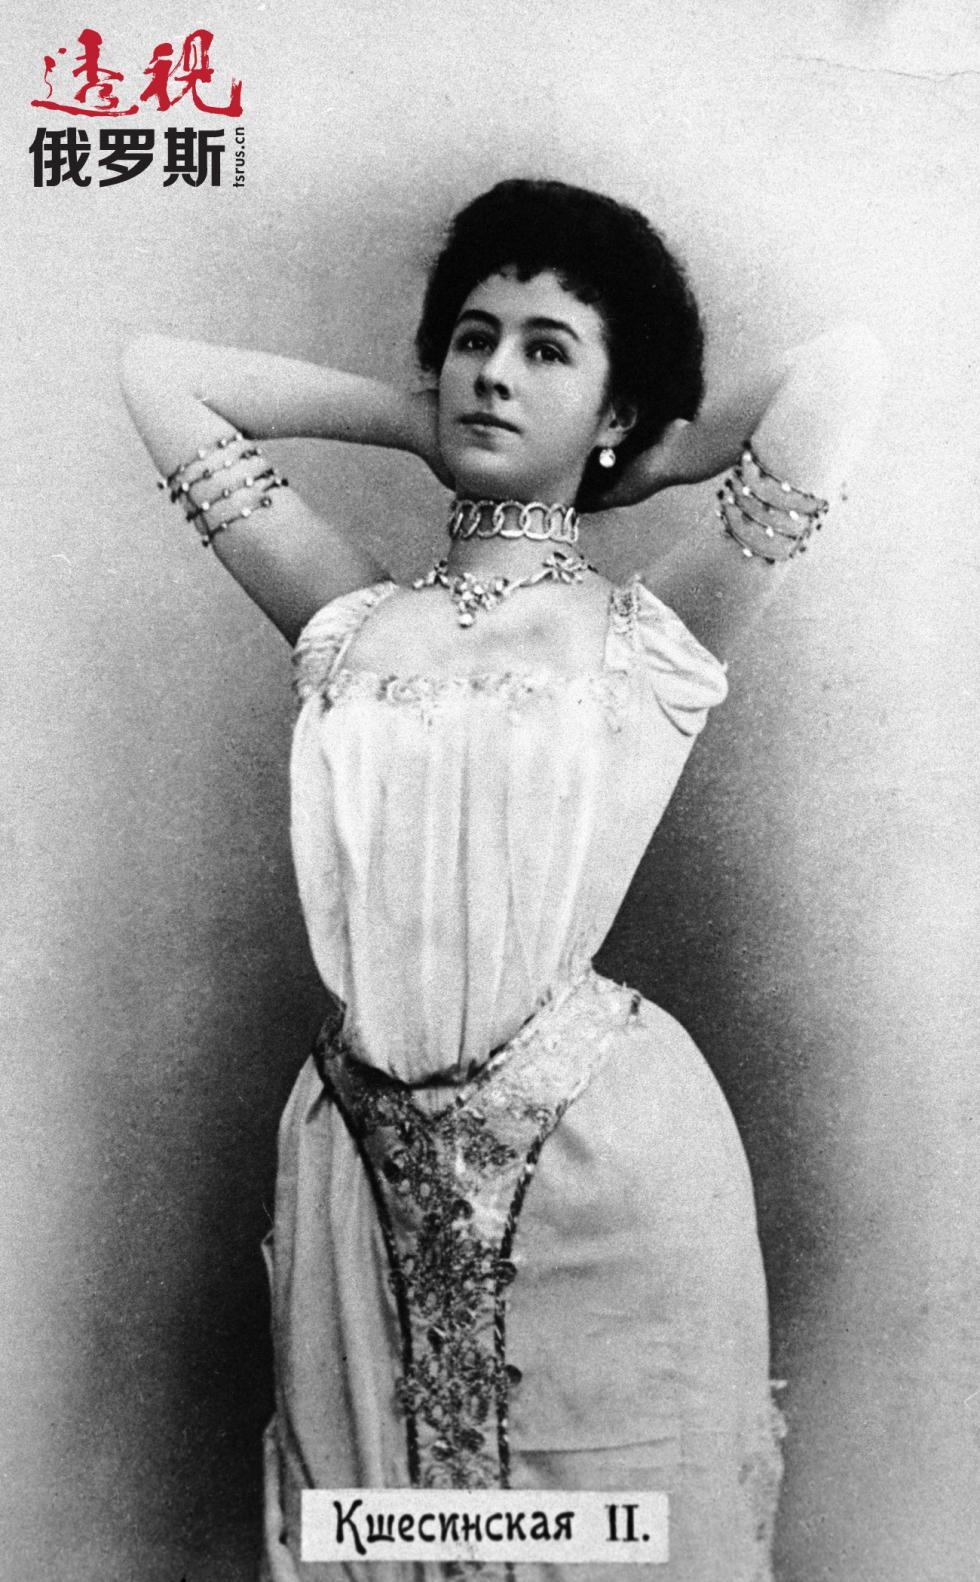 芭蕾舞演员玛蒂尔达·克舍辛斯卡娅。图片来源:俄新社